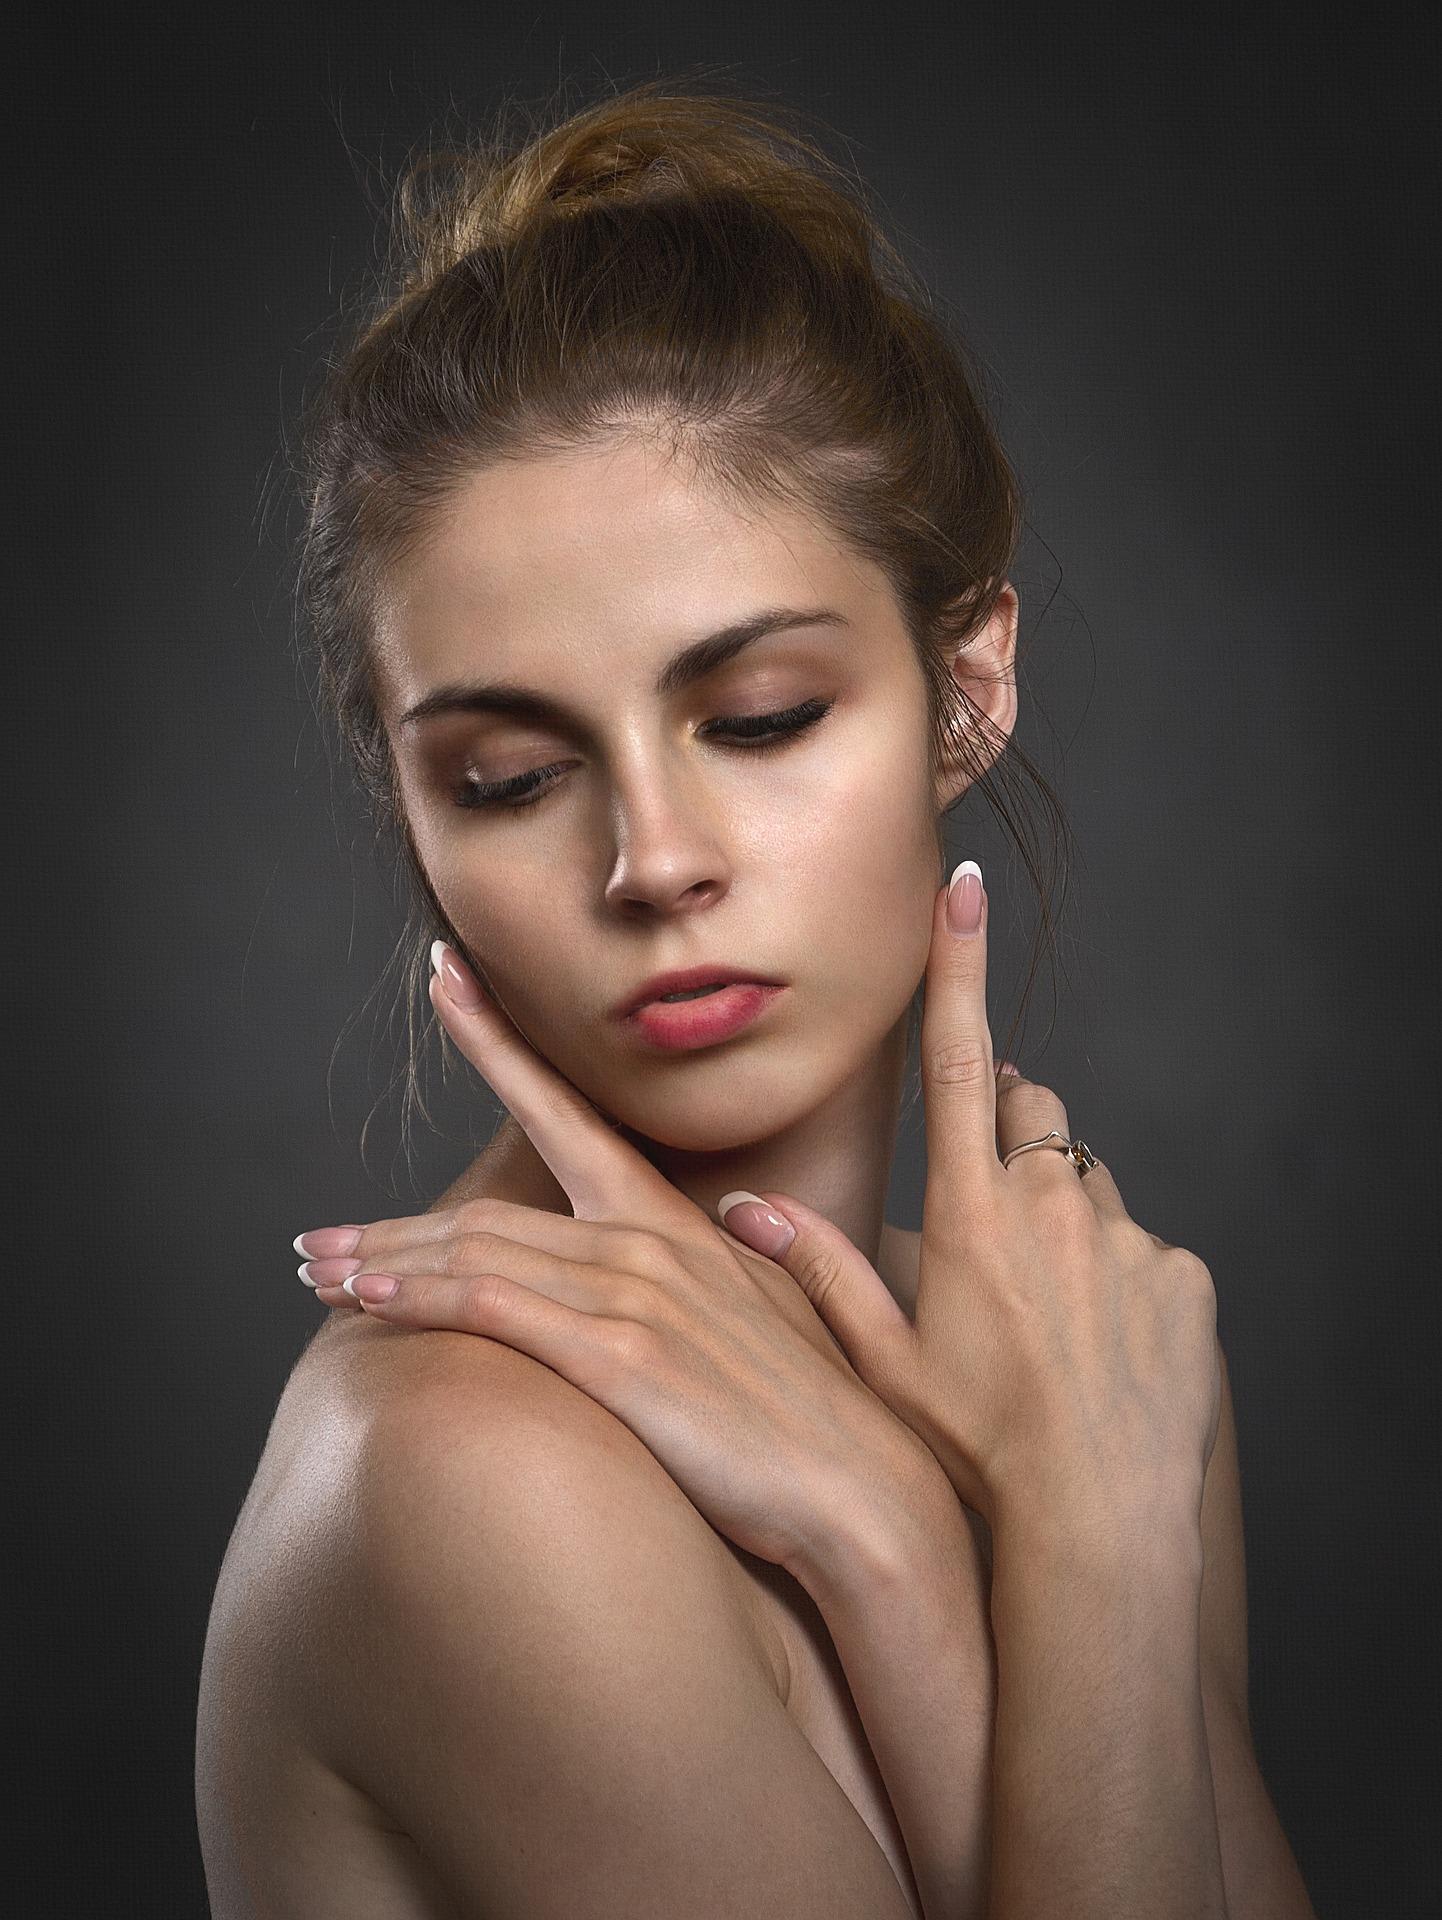 Standardy piękna, czyli czym różni się konkurs Miss World od Miss Wheelchair